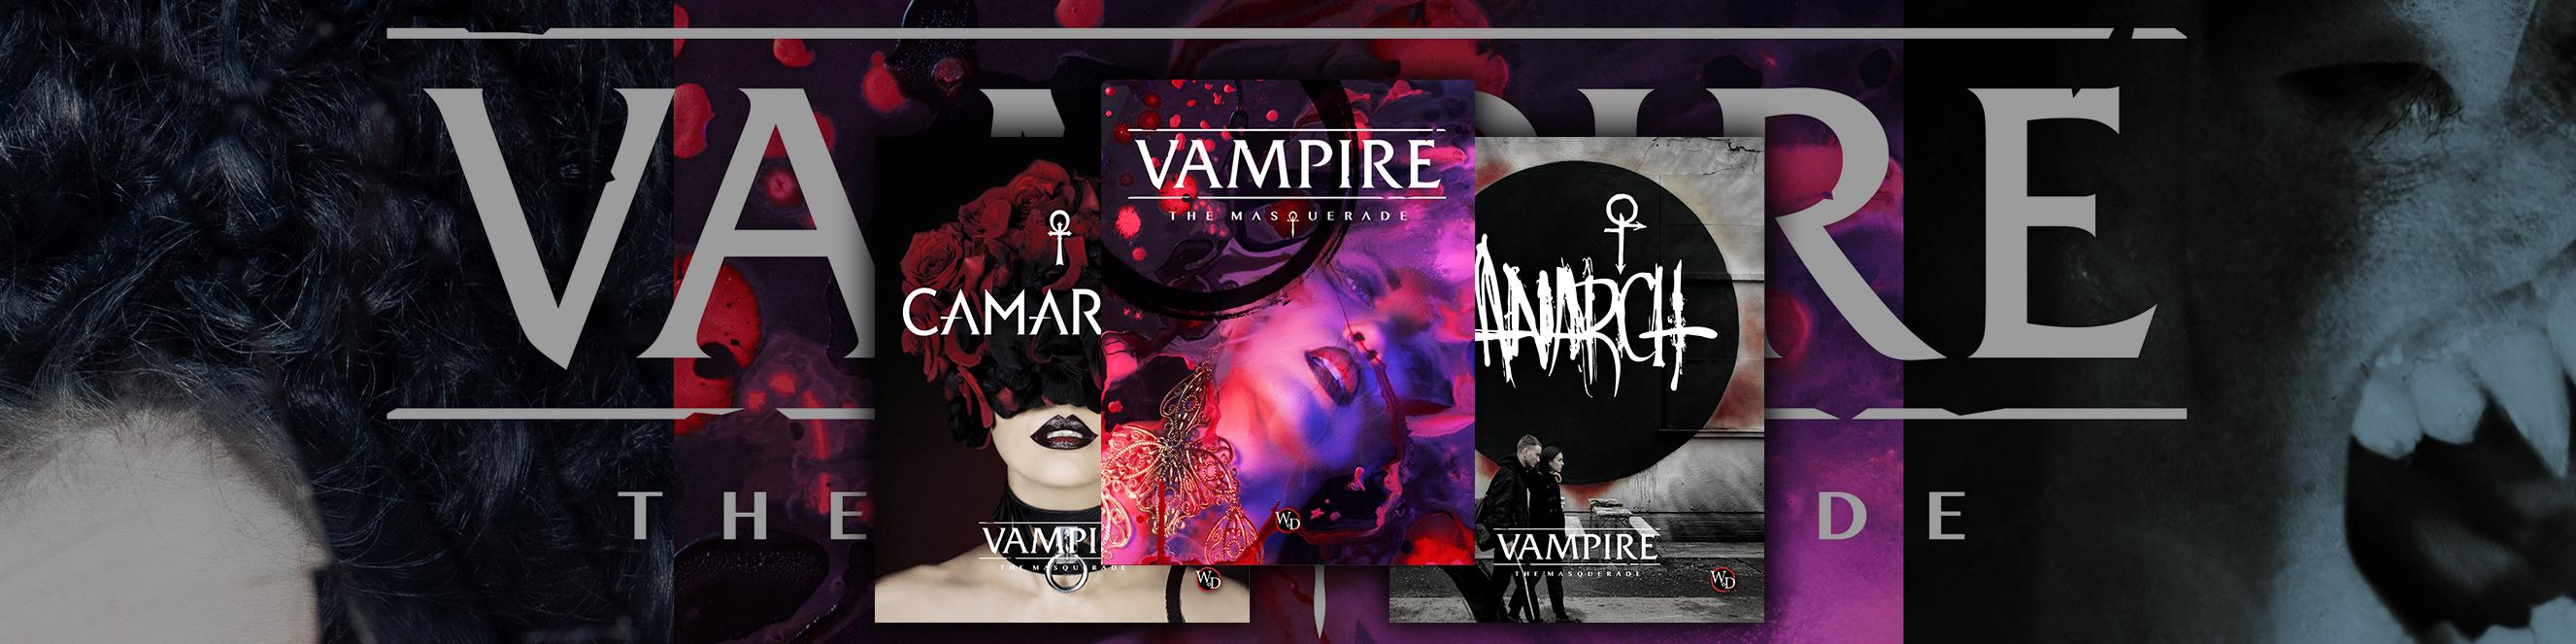 VampireBannerJPG